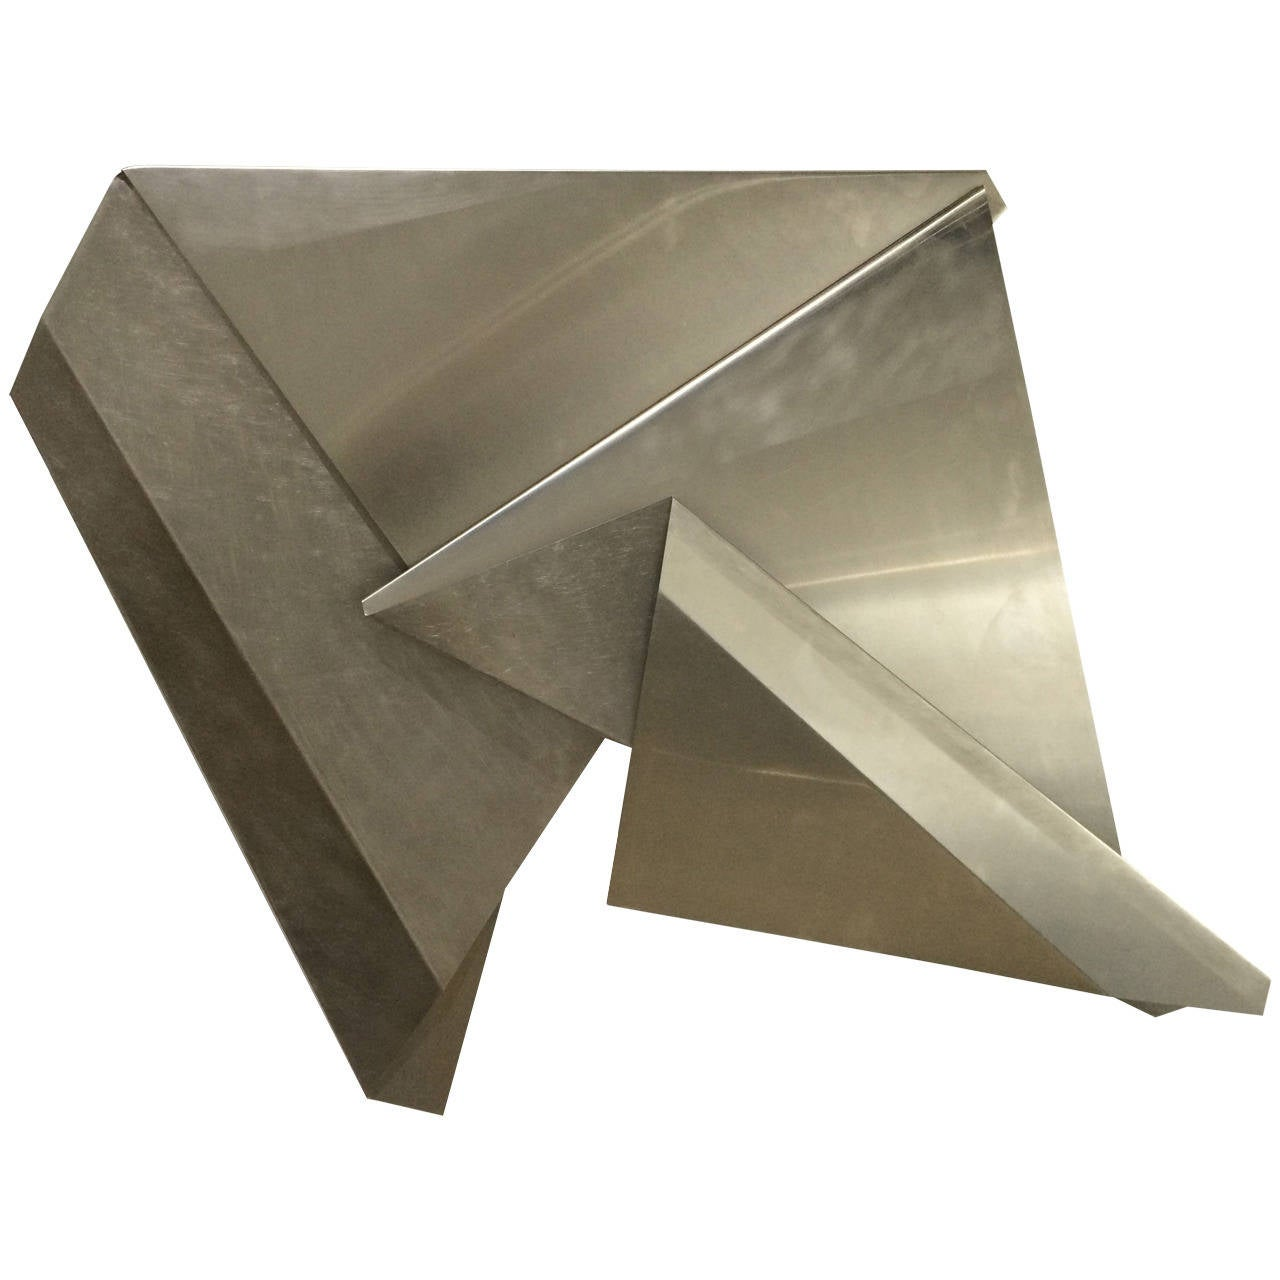 Marsha lega folded stainless steel wall sculpture for sale for Stainless steel wall art